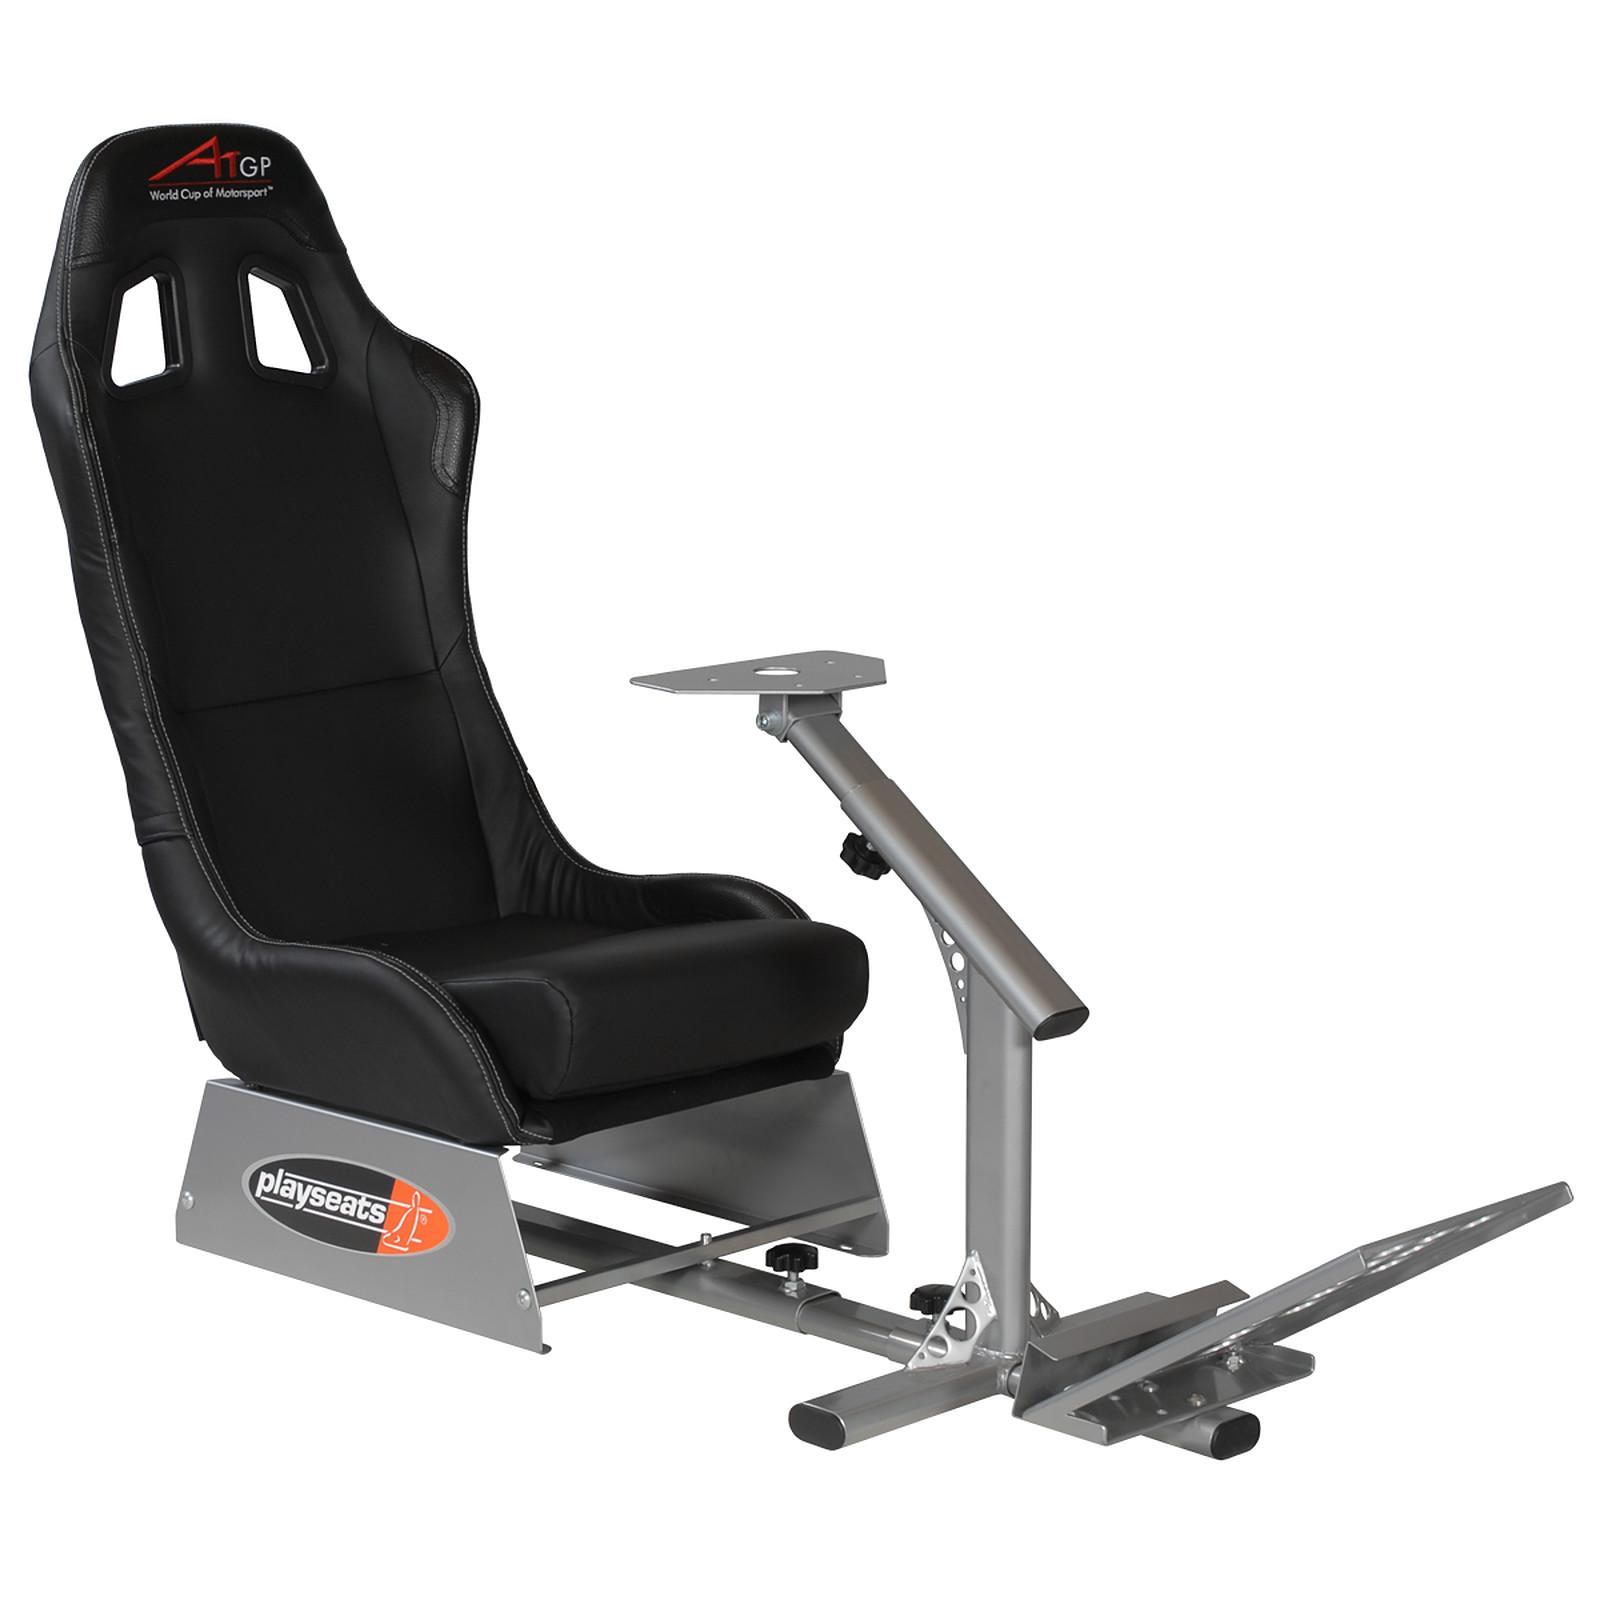 playseats a1gp si ge simulation automobile noir base argent pc ps3 xbox 360 accessoires xbox. Black Bedroom Furniture Sets. Home Design Ideas